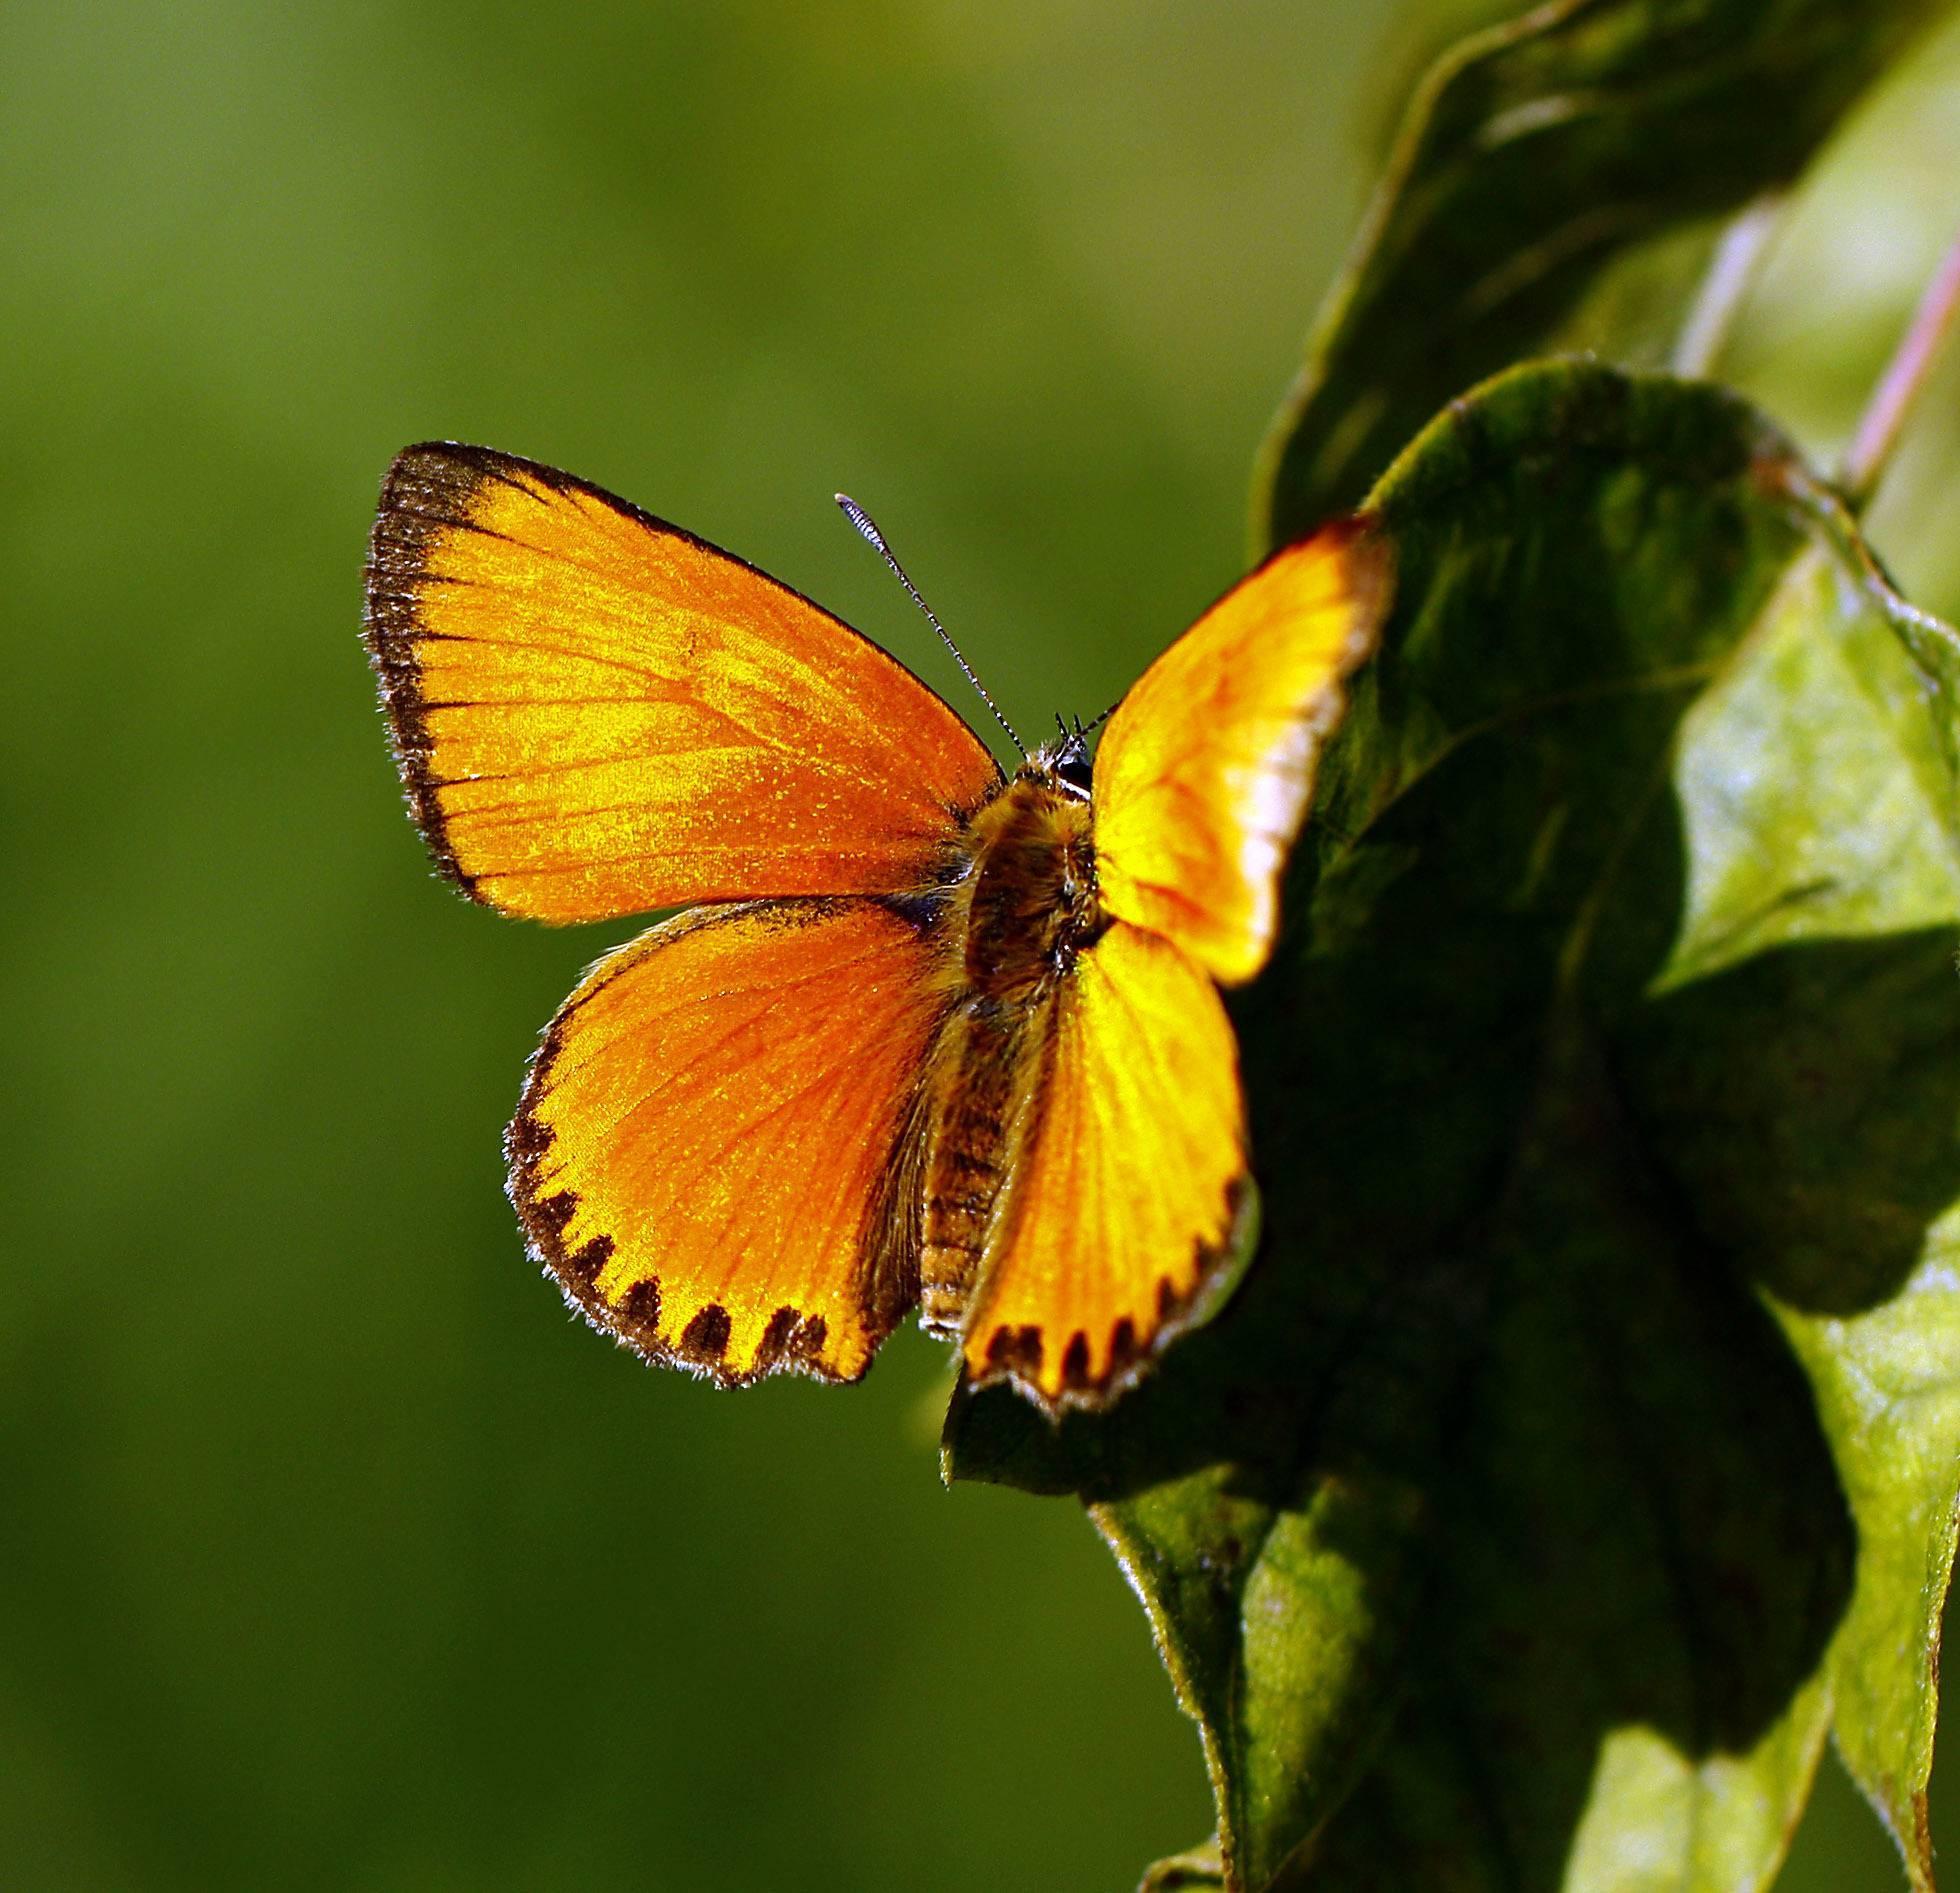 Бабочки ленинградской области | коротко и ясно о самом интересном